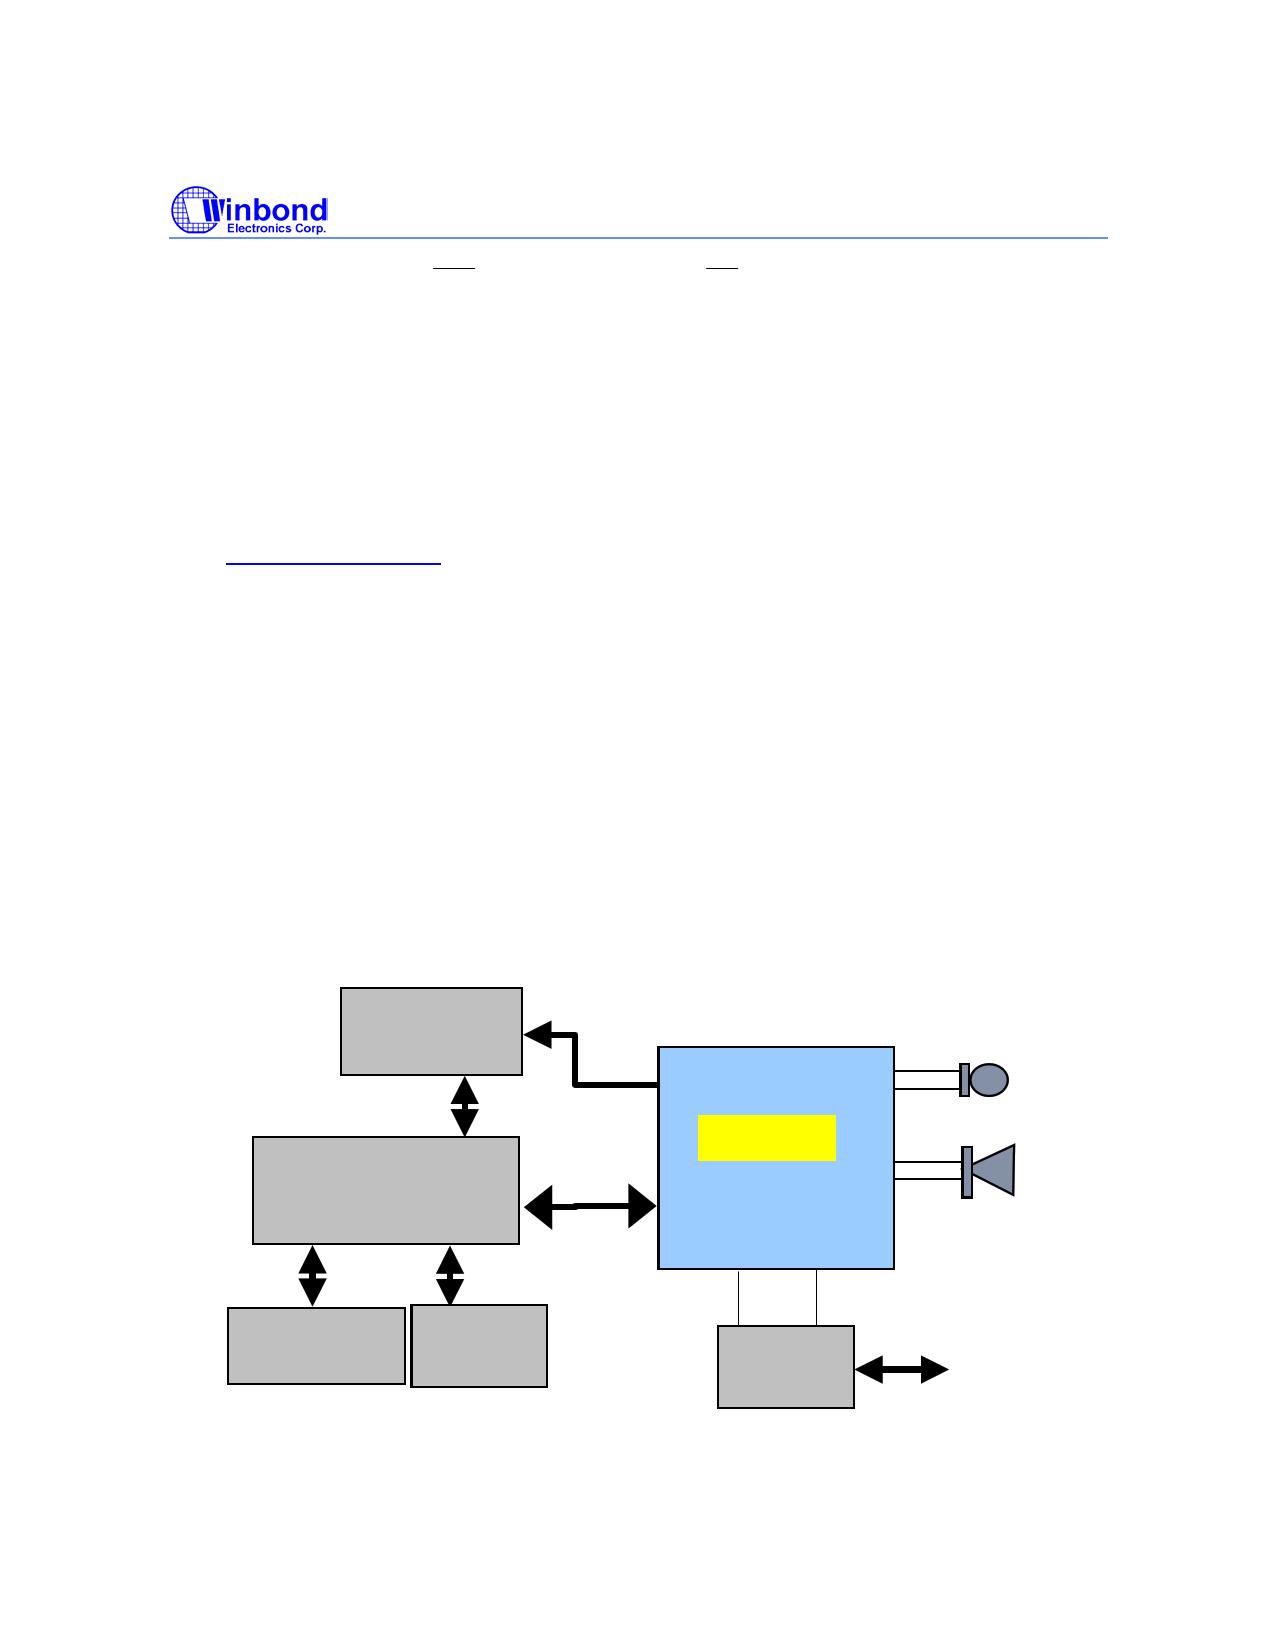 I5116EI arduino